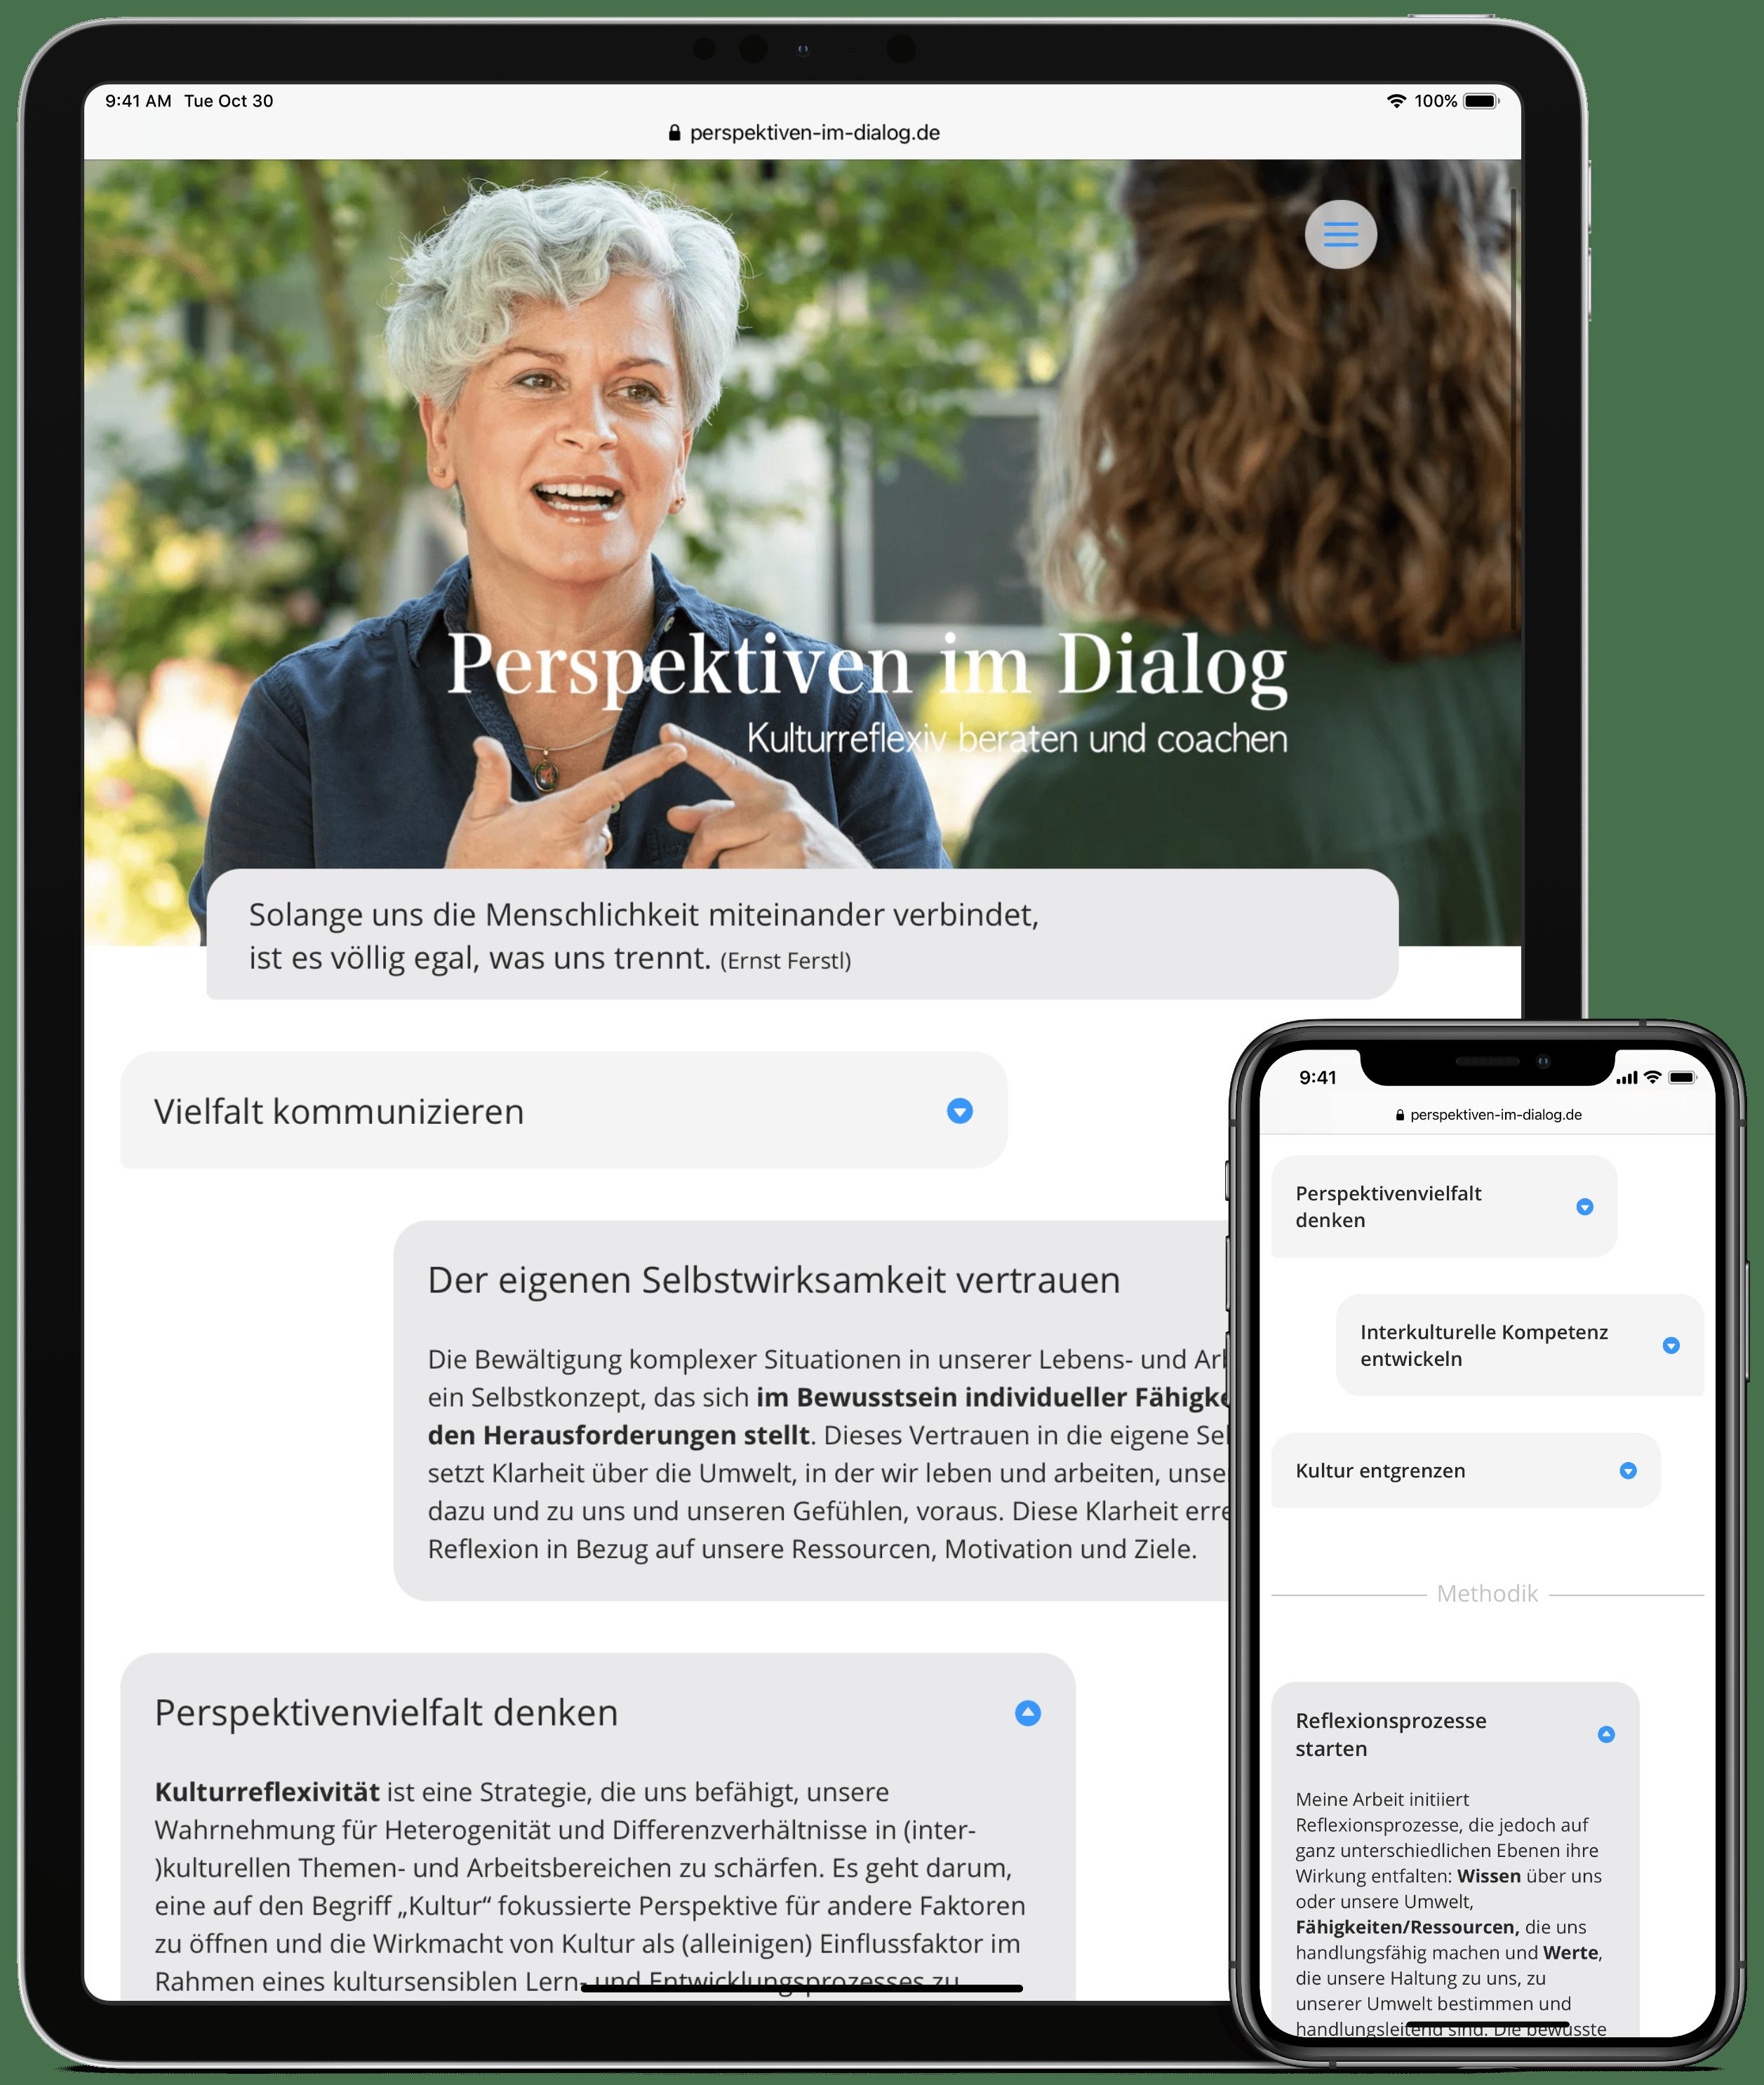 Website von Perspektiven im Dialog auf einem Tablet bzw. einem Smartphone mit Ansicht der Startseite bzw. der Methodenübersicht.